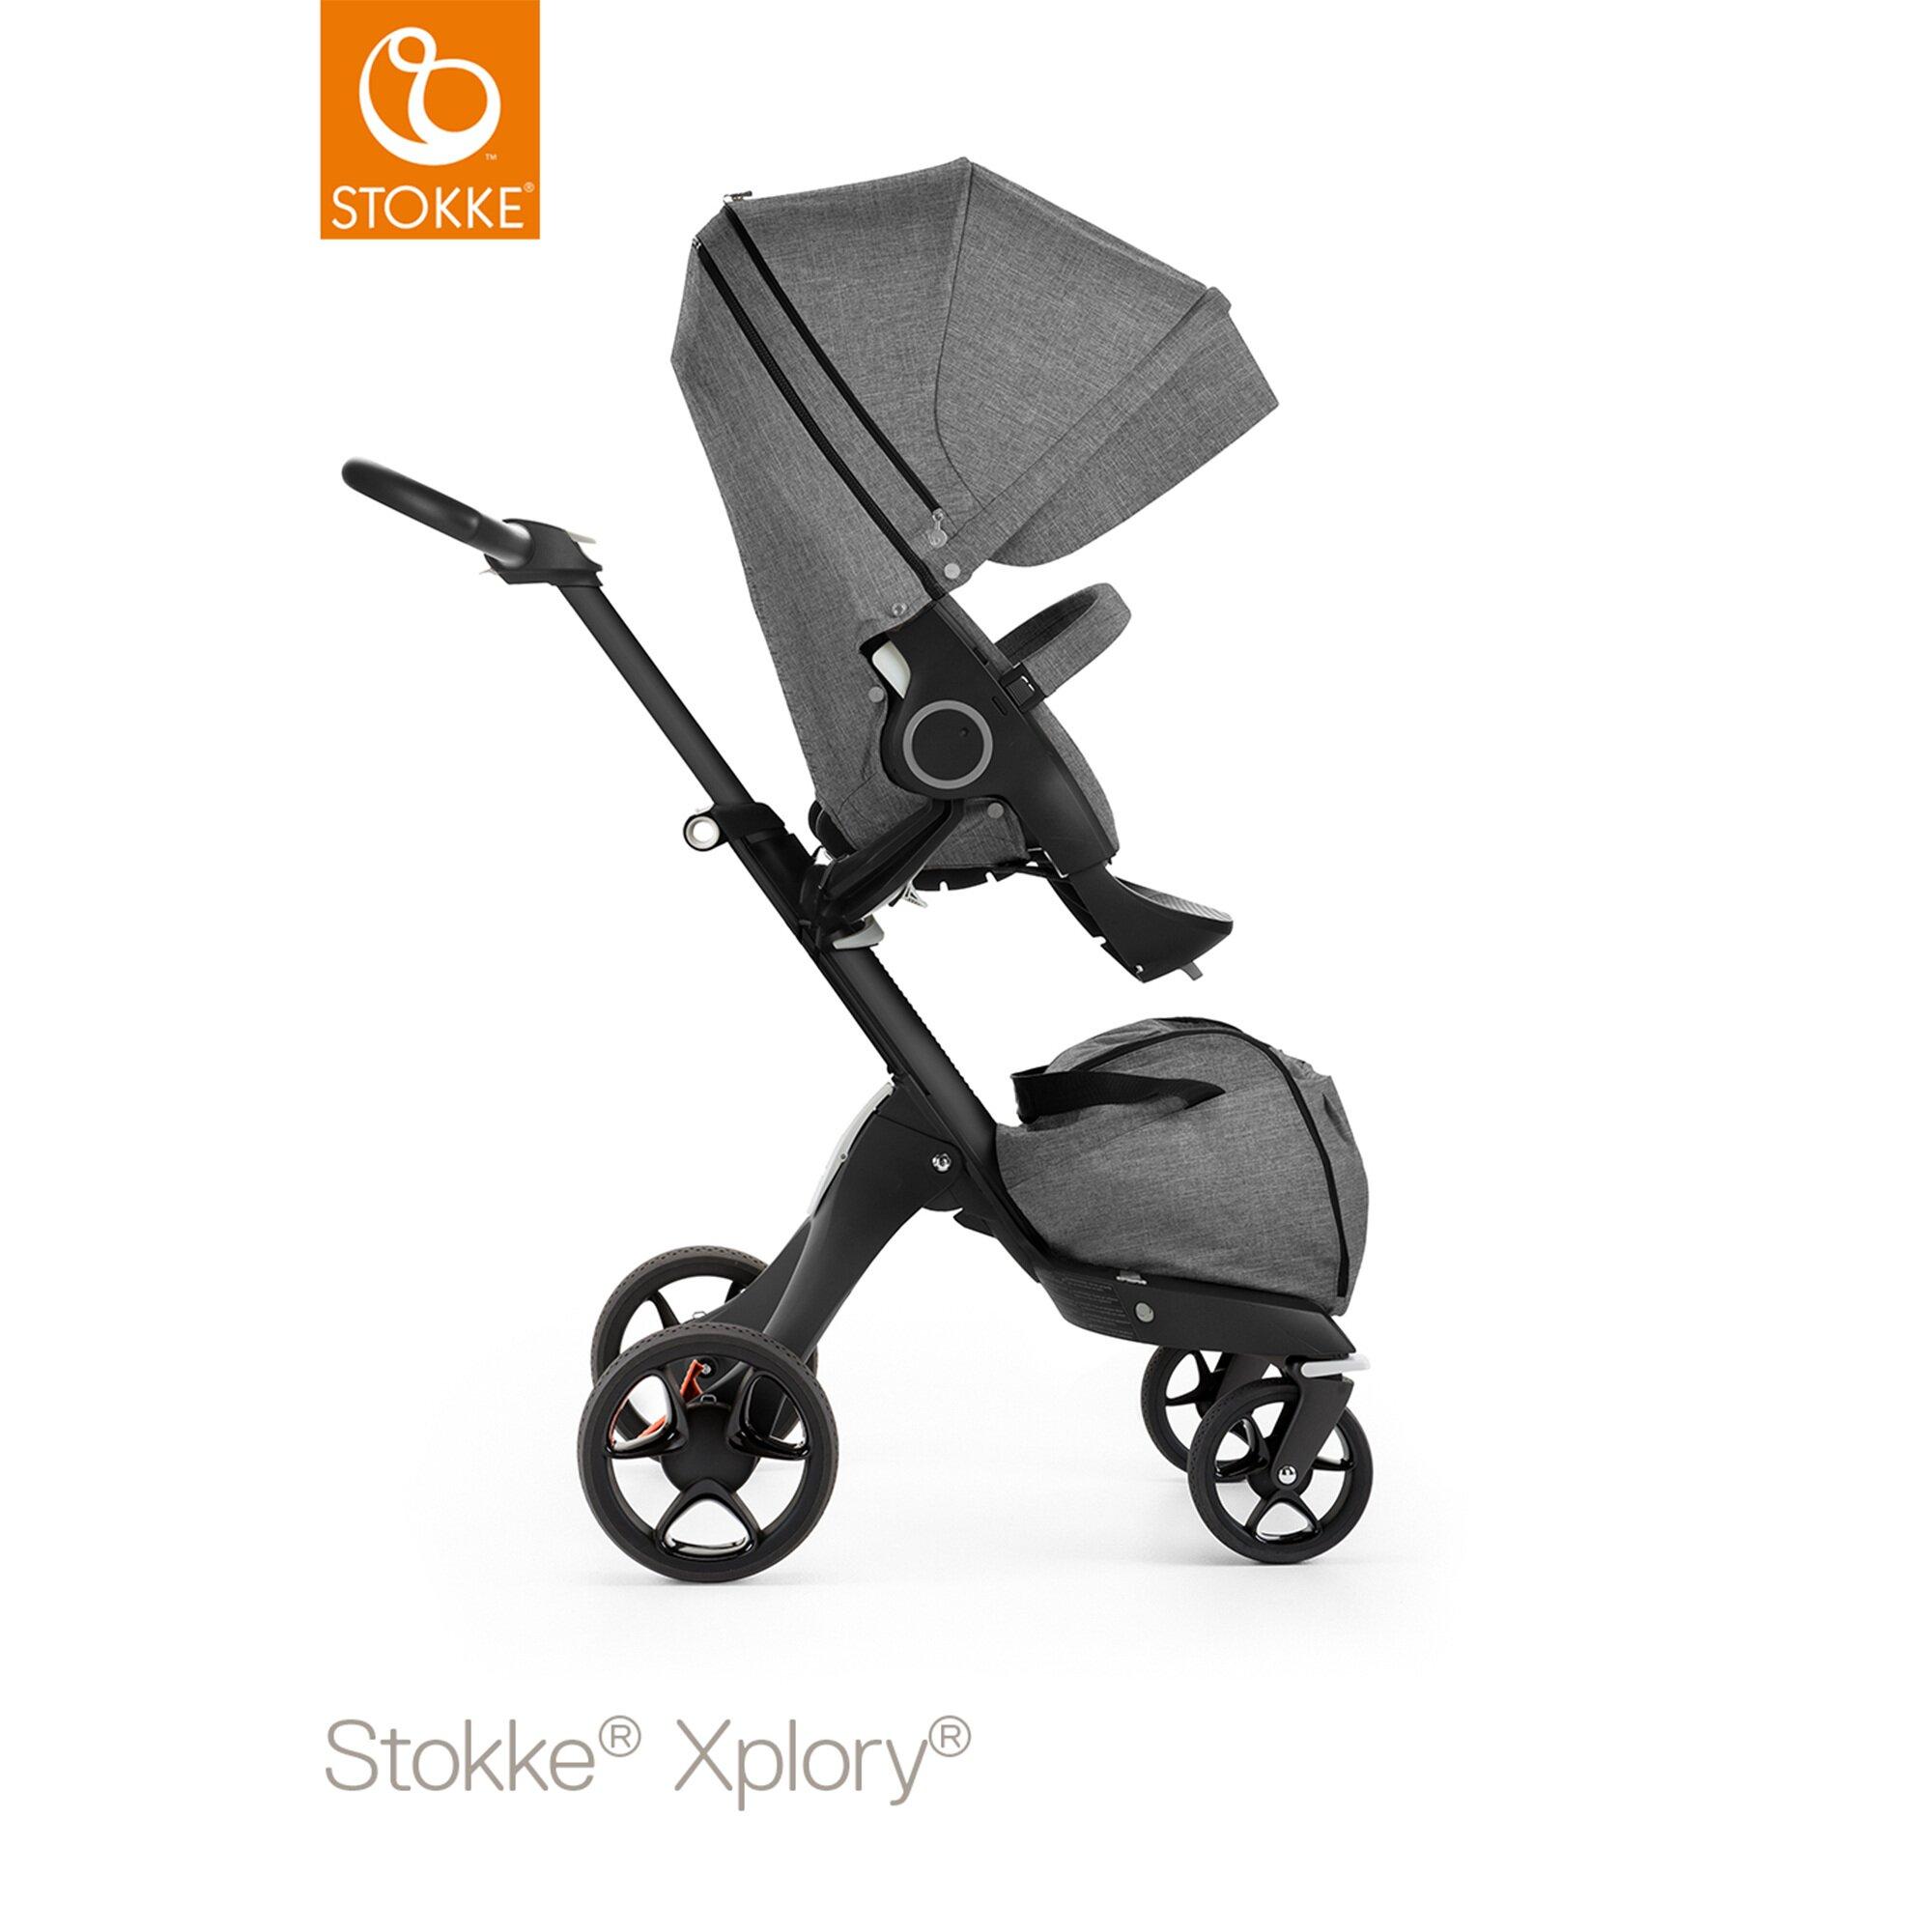 xplory-v5-kinderwagen-black-design-2017-mit-sonnenschirm-und-getrankehalter-grau, 799.99 EUR @ babywalz-de